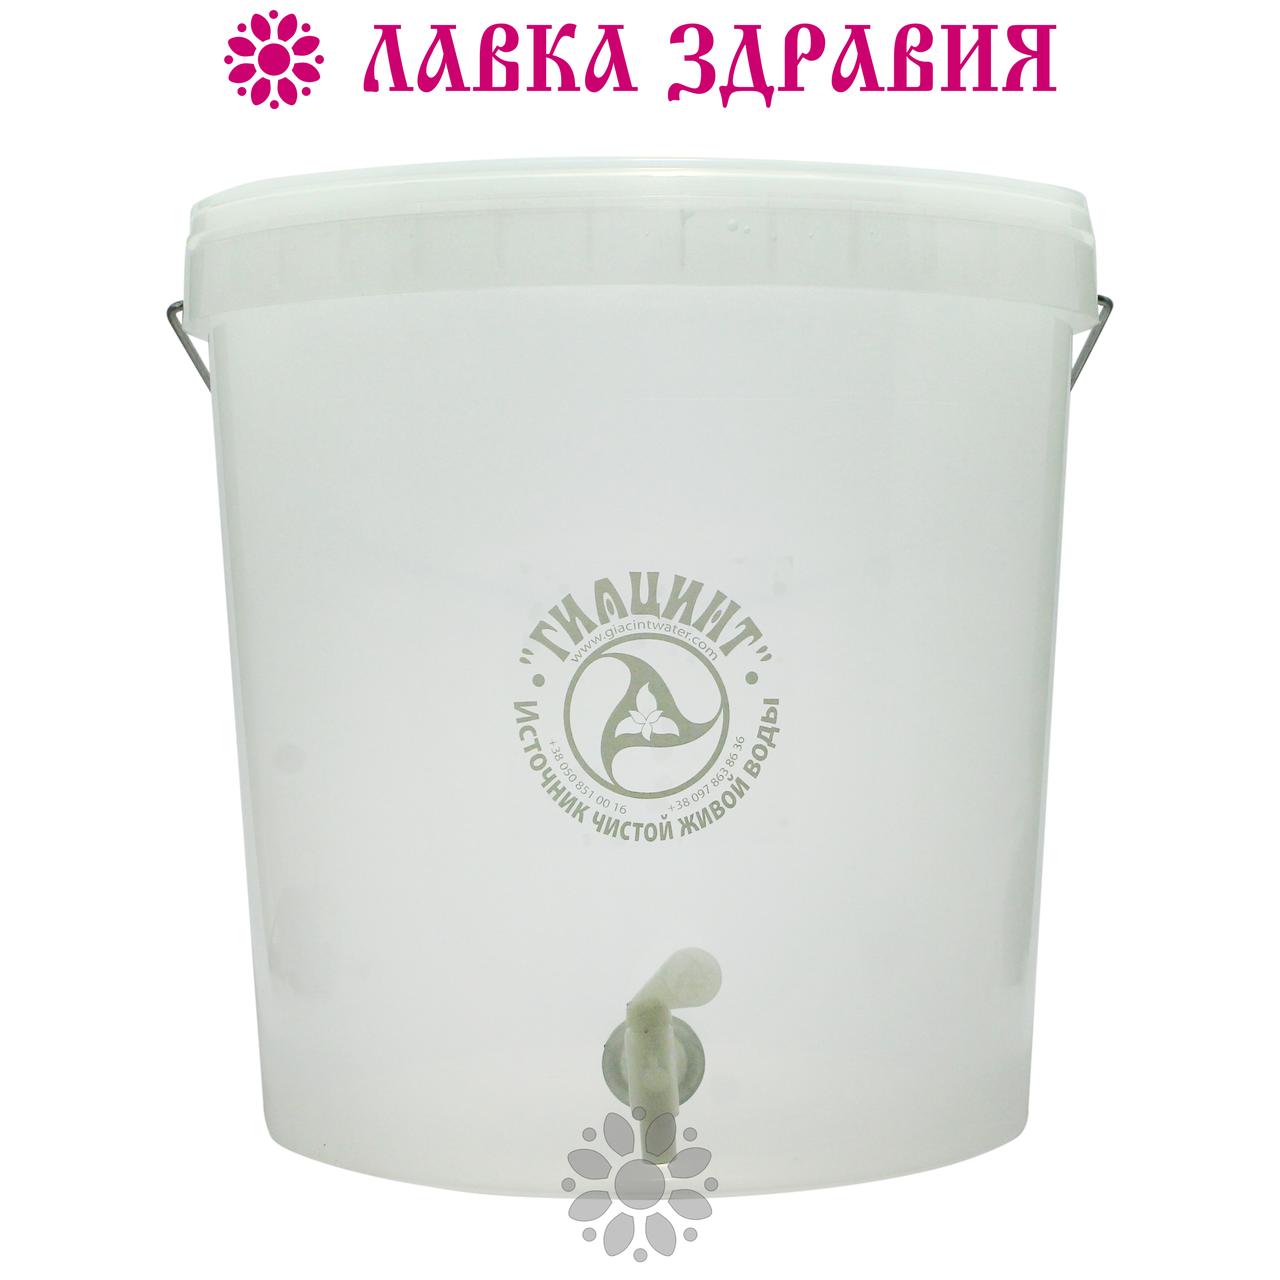 Емкость (ведро) для очищения воды с помощью коагулянта на 21 литр